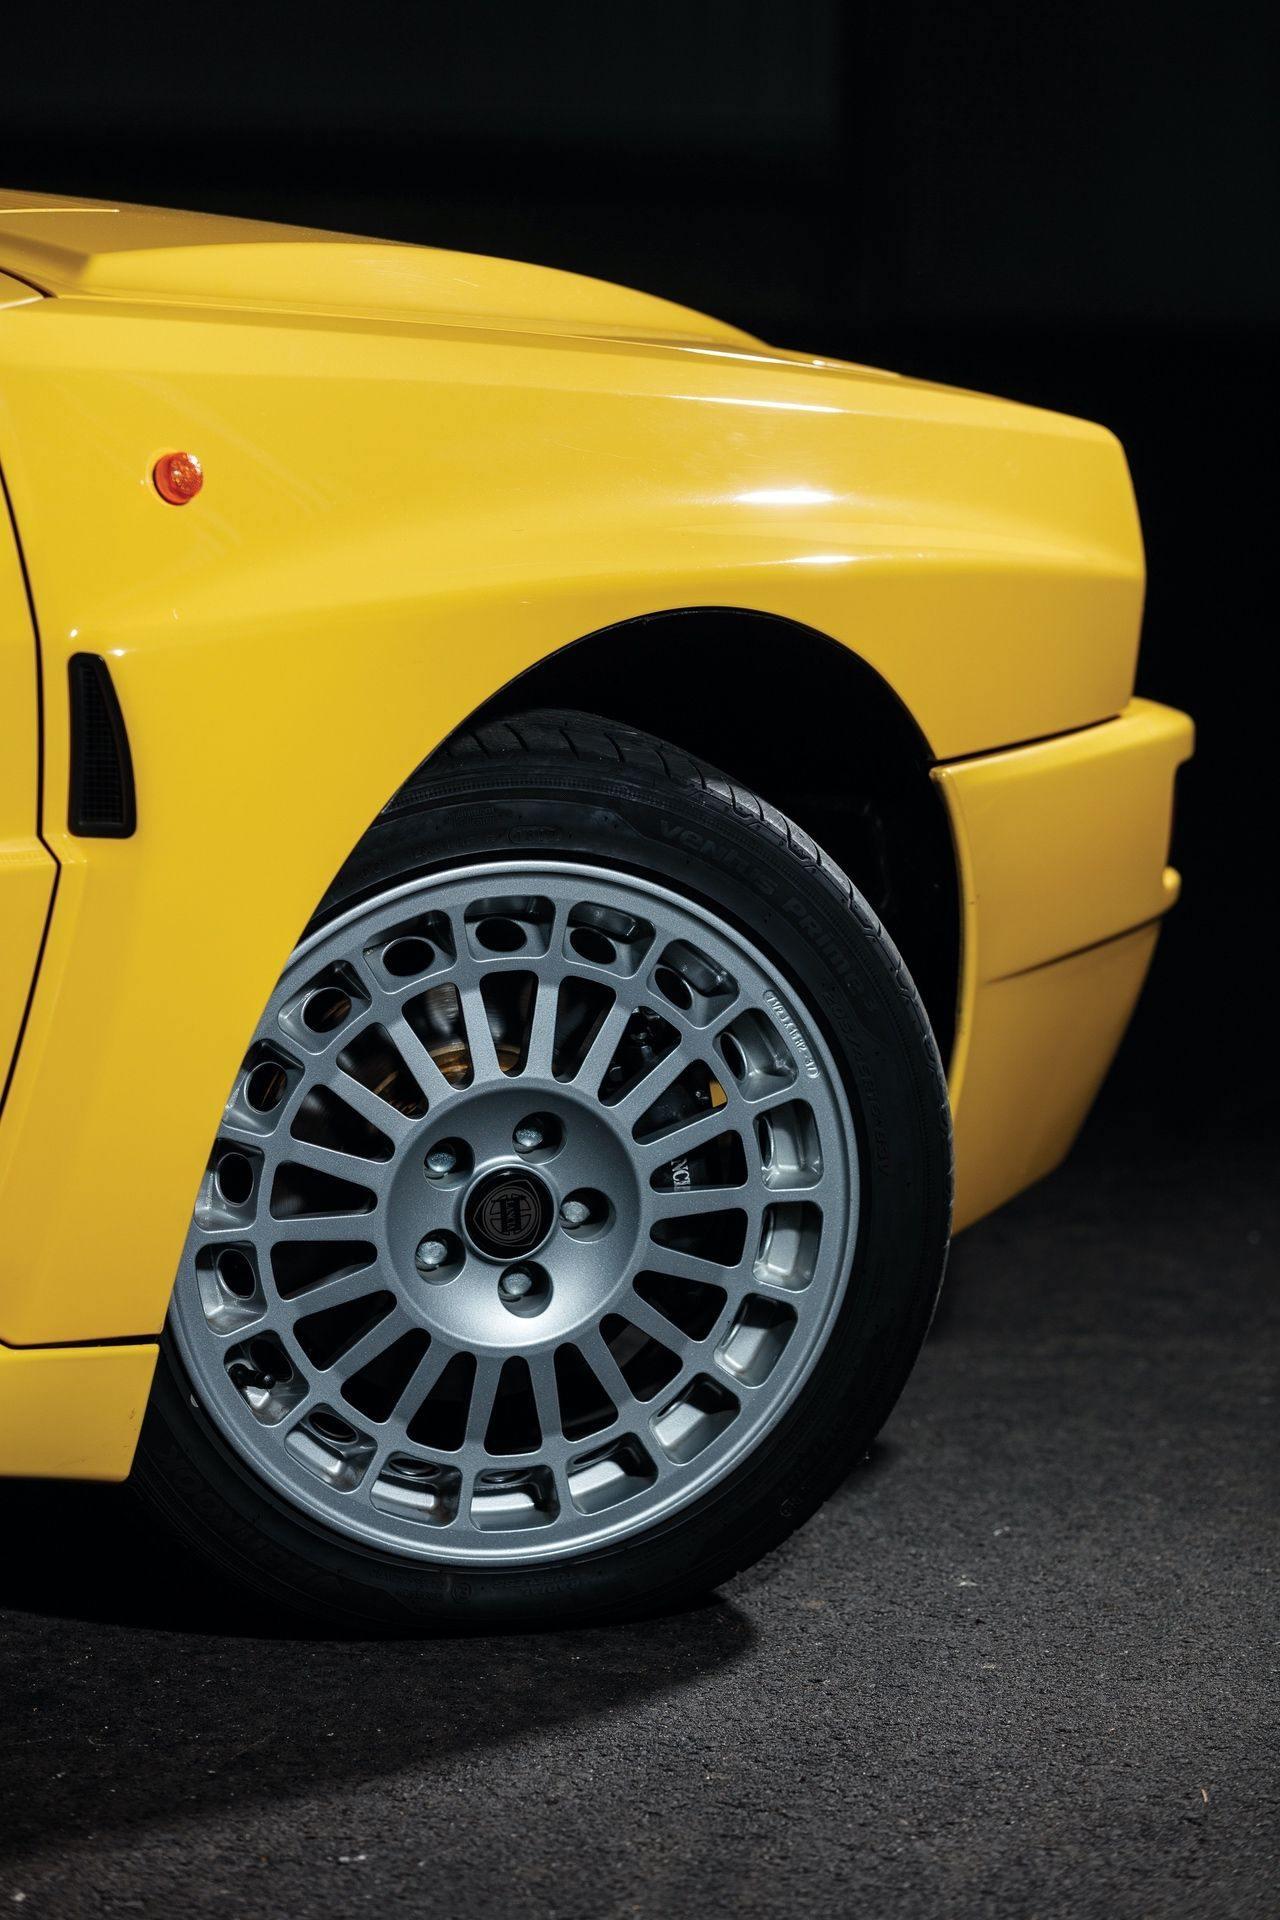 1993-Lancia-Delta-HF-Integrale-Evoluzione-II-_20